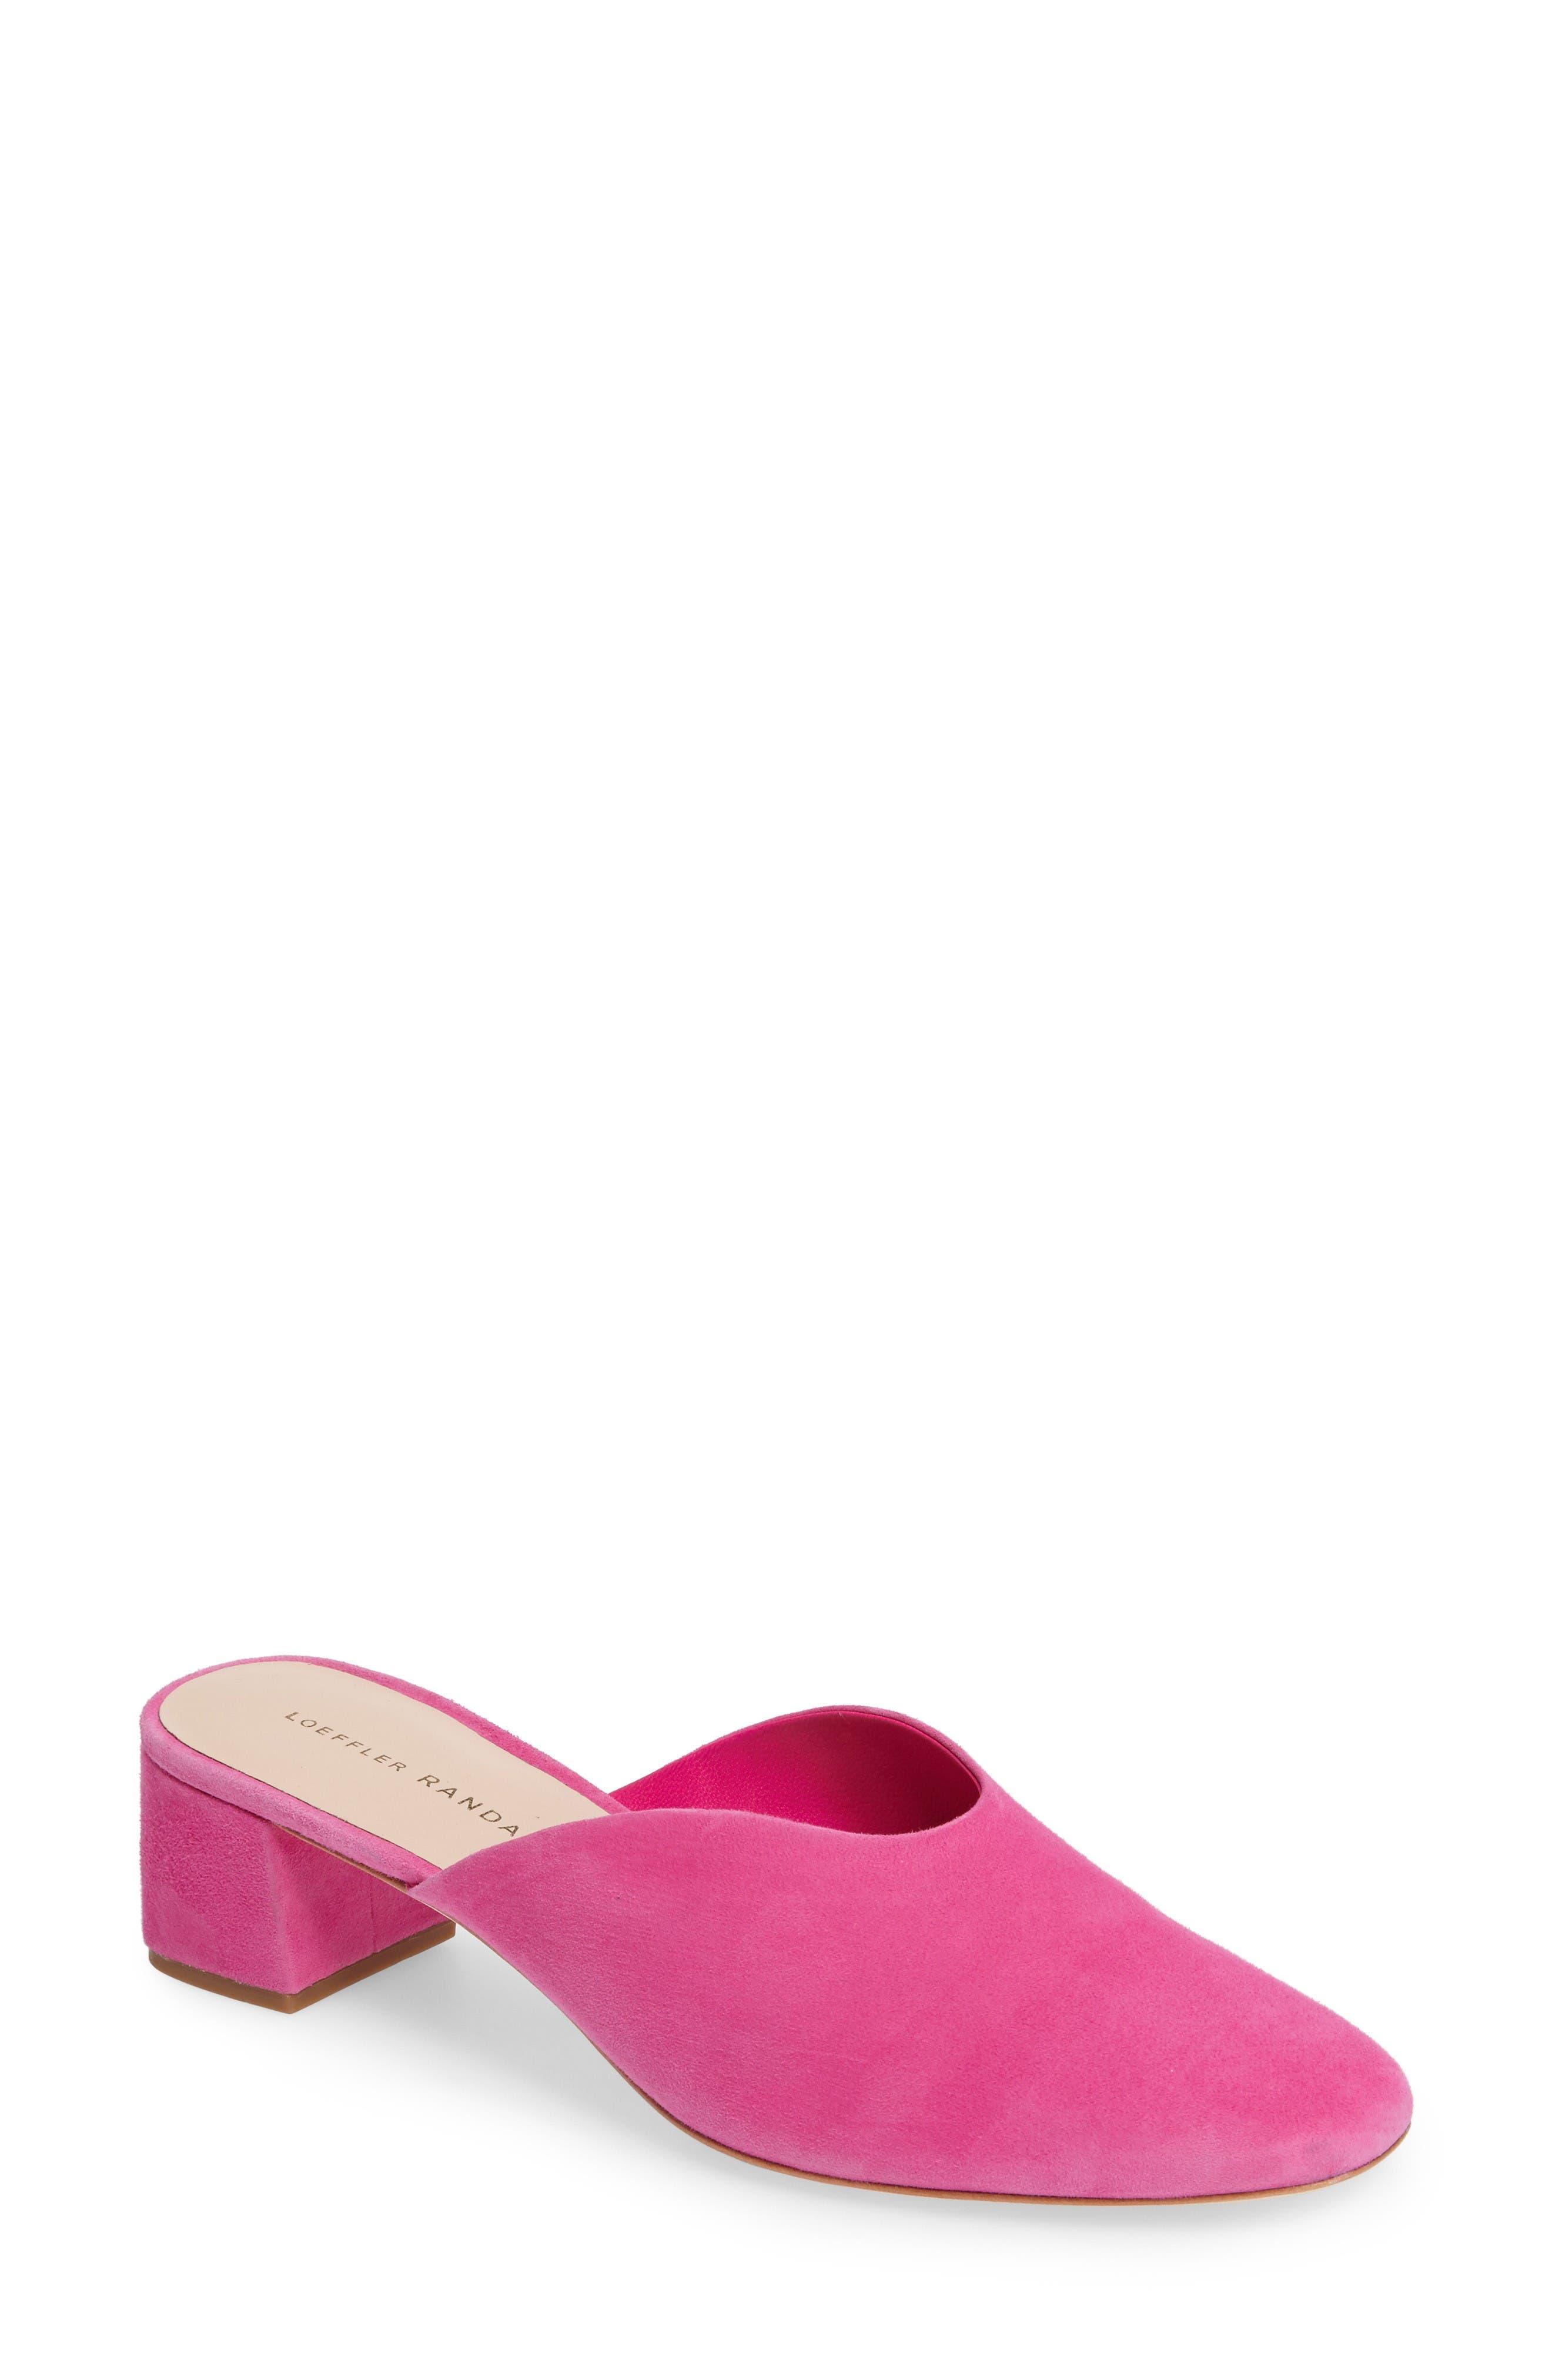 Alternate Image 1 Selected - Loeffler Randall Lulu Block Heel Mule (Women)